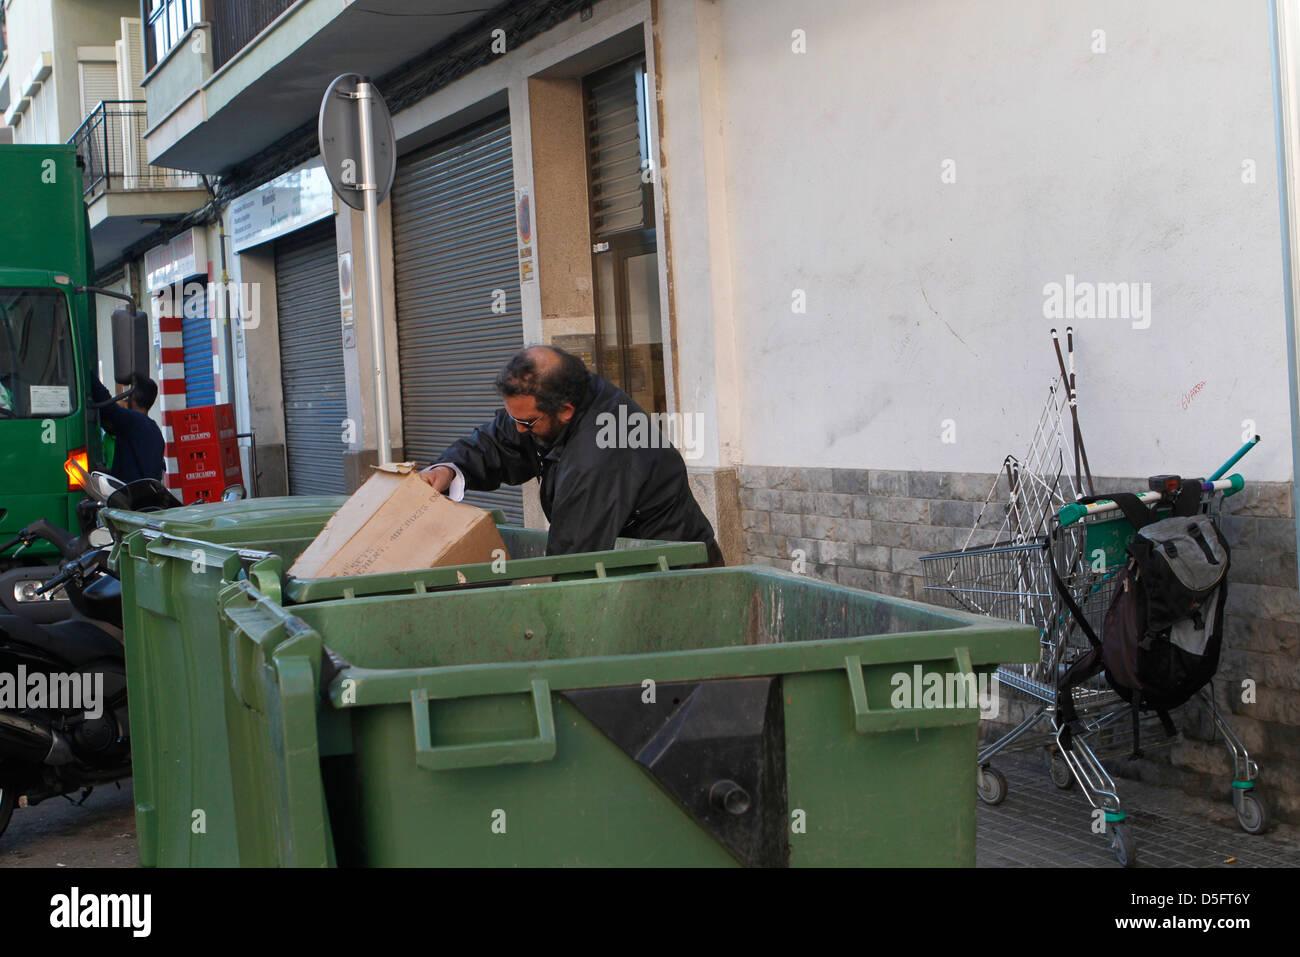 Un disoccupato uomo tira un carrello per trasportare la posta indesiderata trovati sui contenitori. Immagini Stock